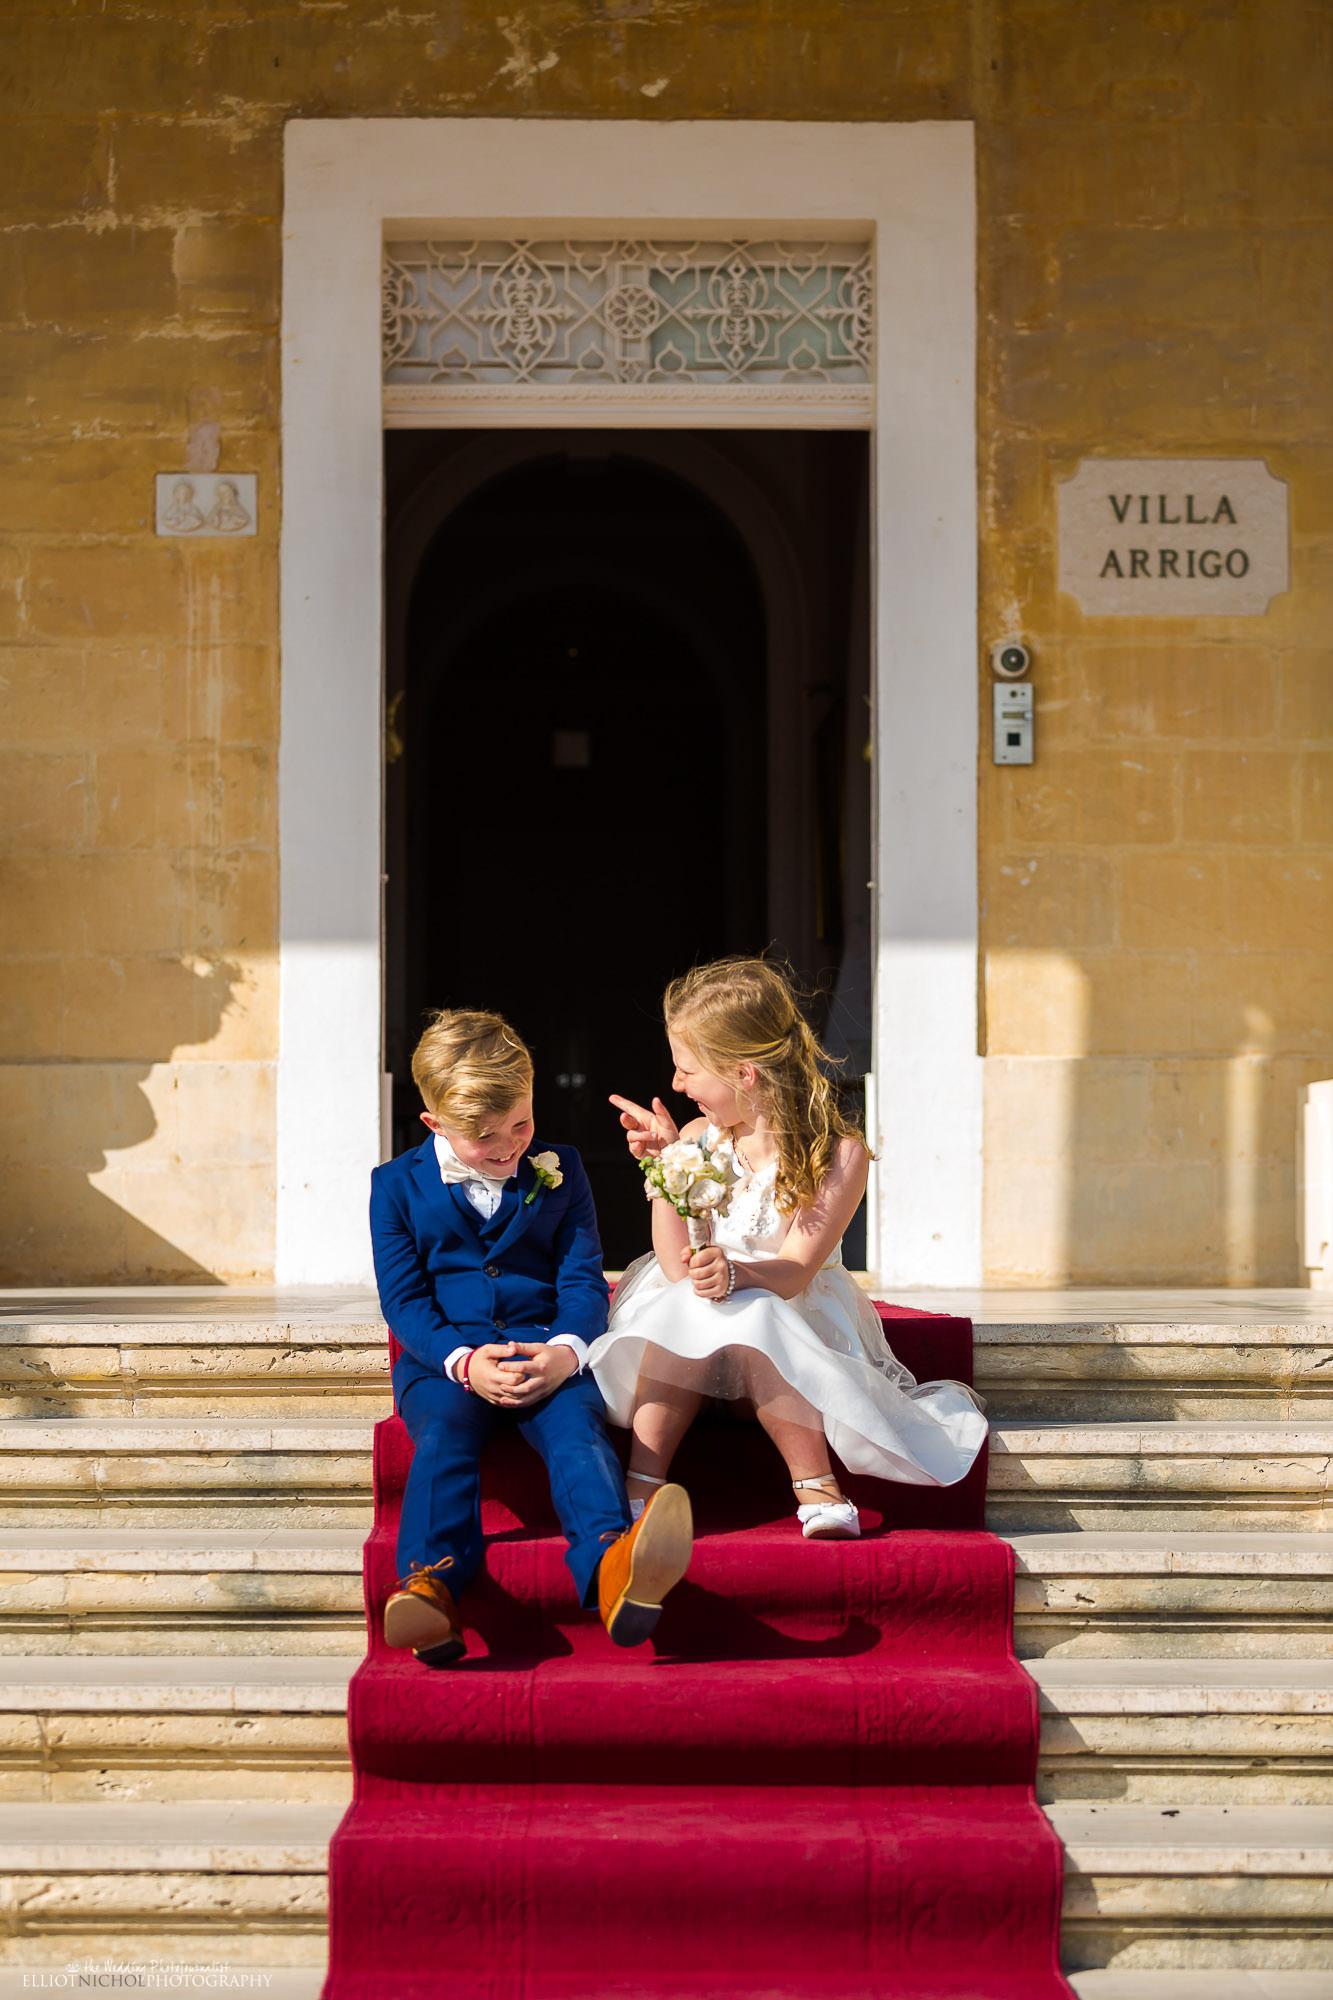 flower-girl-page-boy-destination-wedding-venue-Villa-Arrigo-Malta